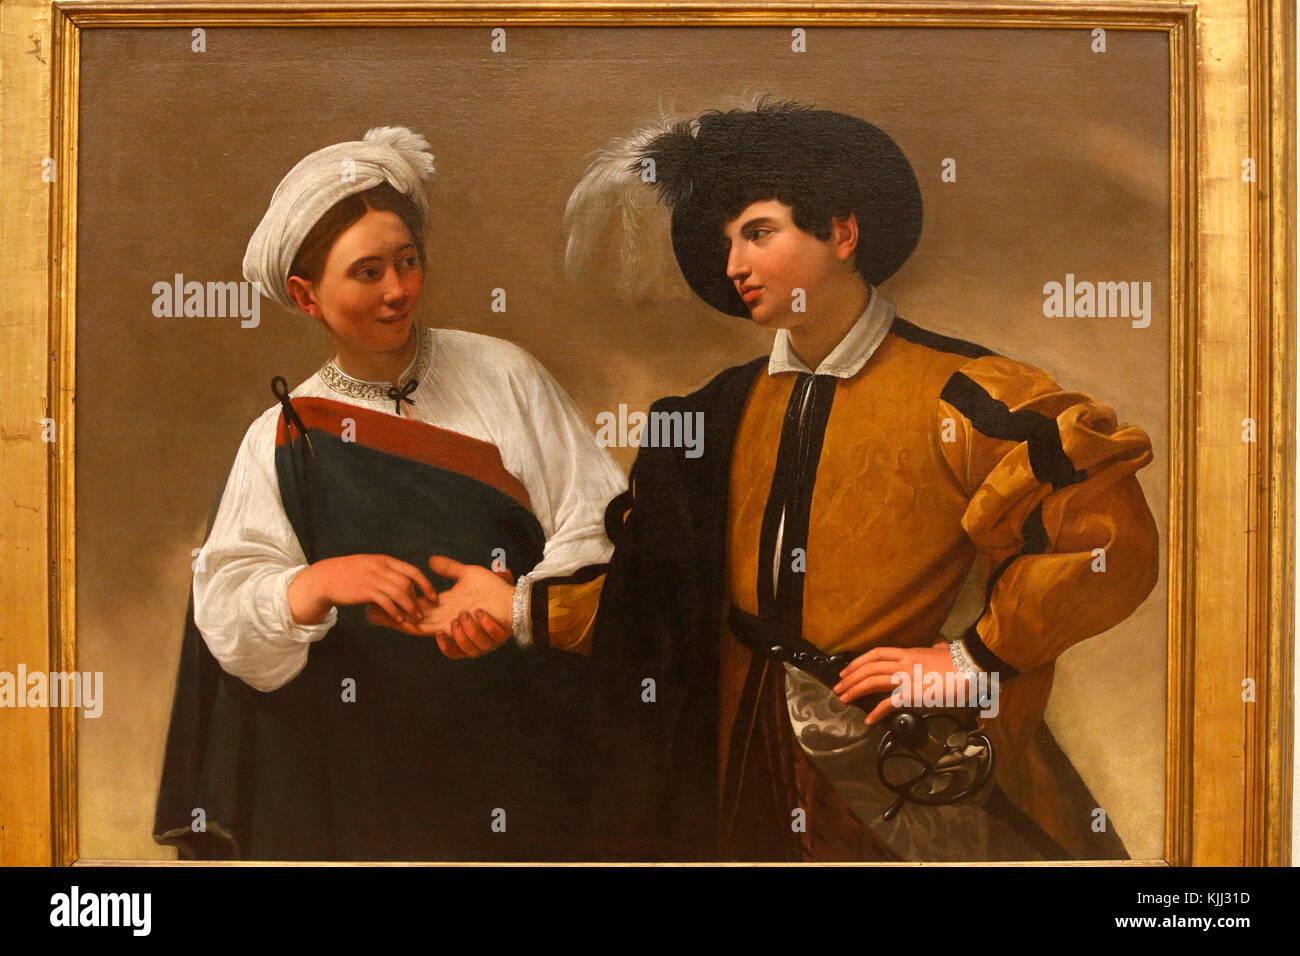 Capitoline museum, Rome. Caravaggio, The Fortune Teller, oil on canvas, about 1595. La diseuse de bonne aventure - Stock Image